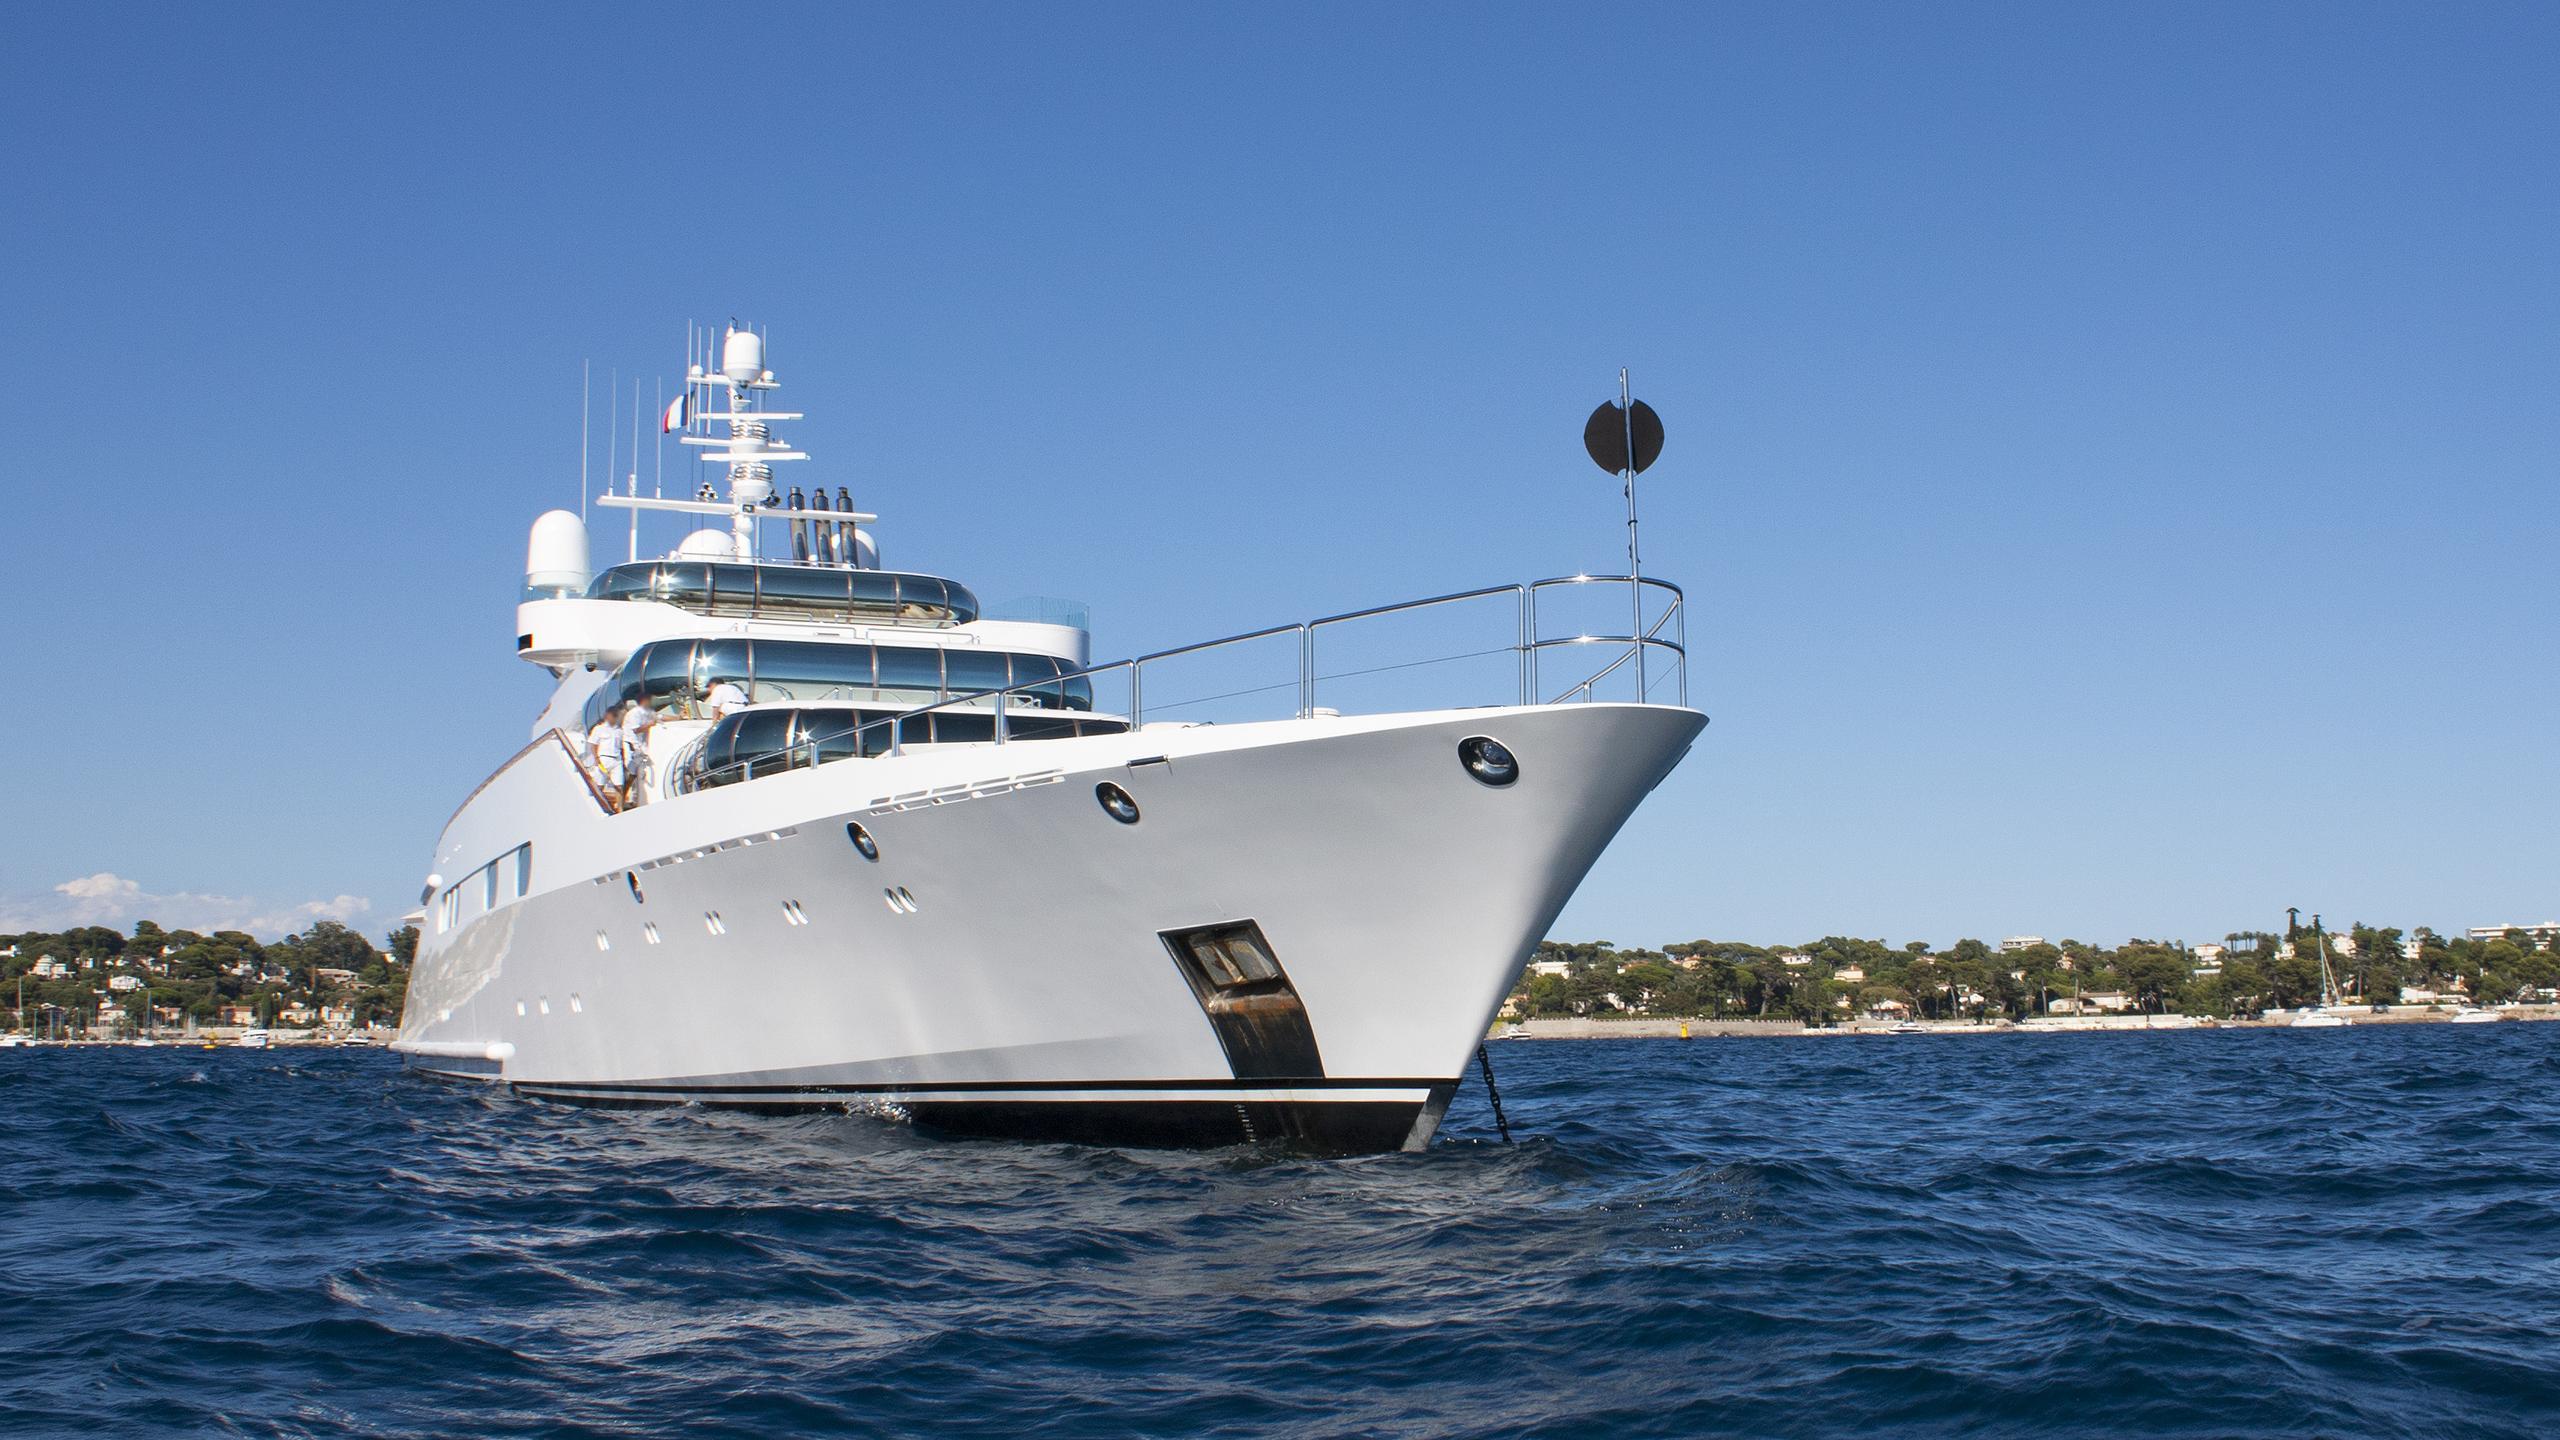 zeus-enigma-motor-yacht-blohm-voss-1991-75m-bow